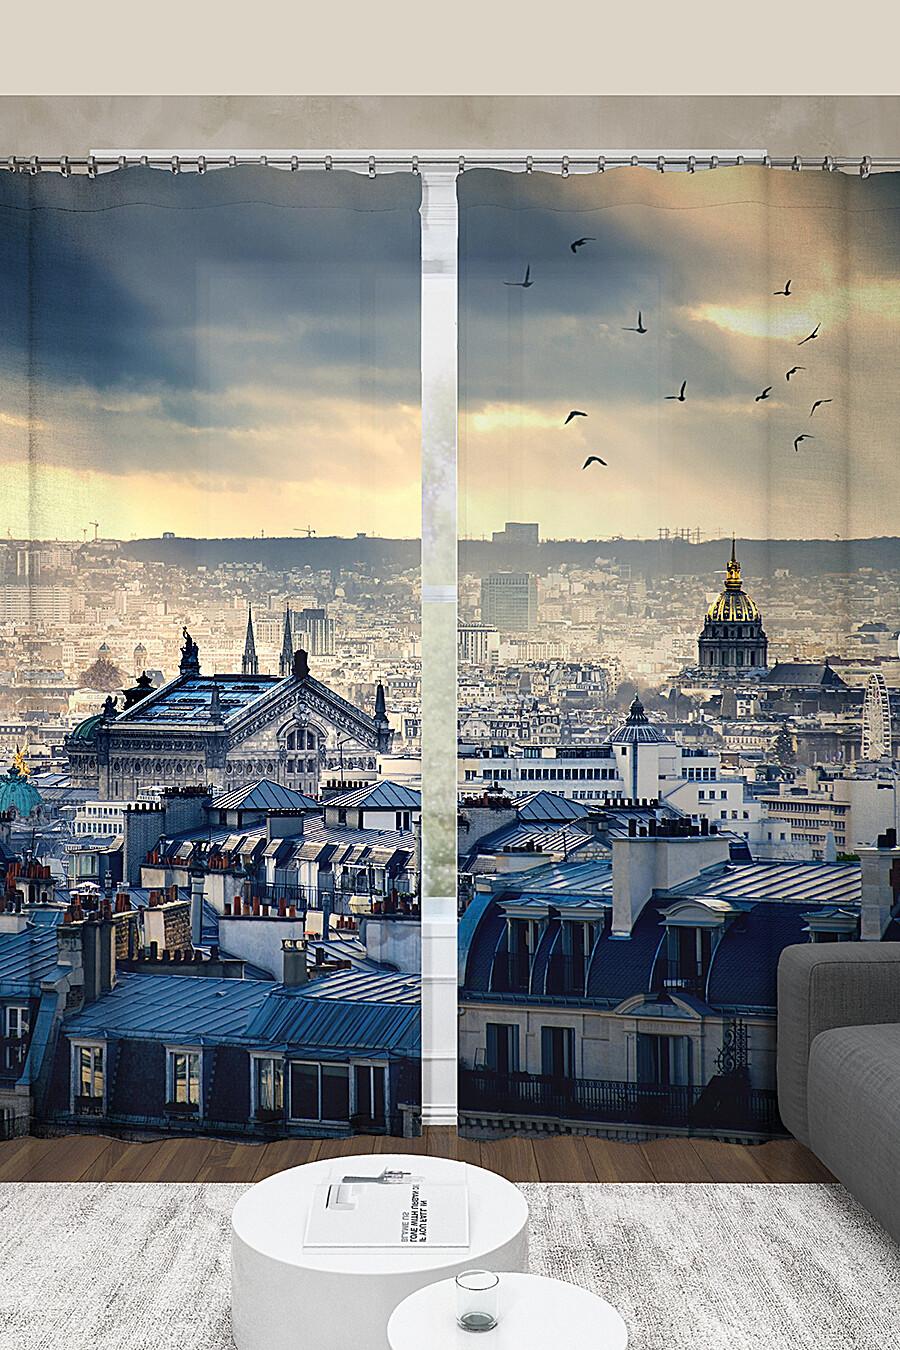 Фотошторы для дома ART HOME TEXTILE 124192 купить оптом от производителя. Совместная покупка товаров для дома в OptMoyo